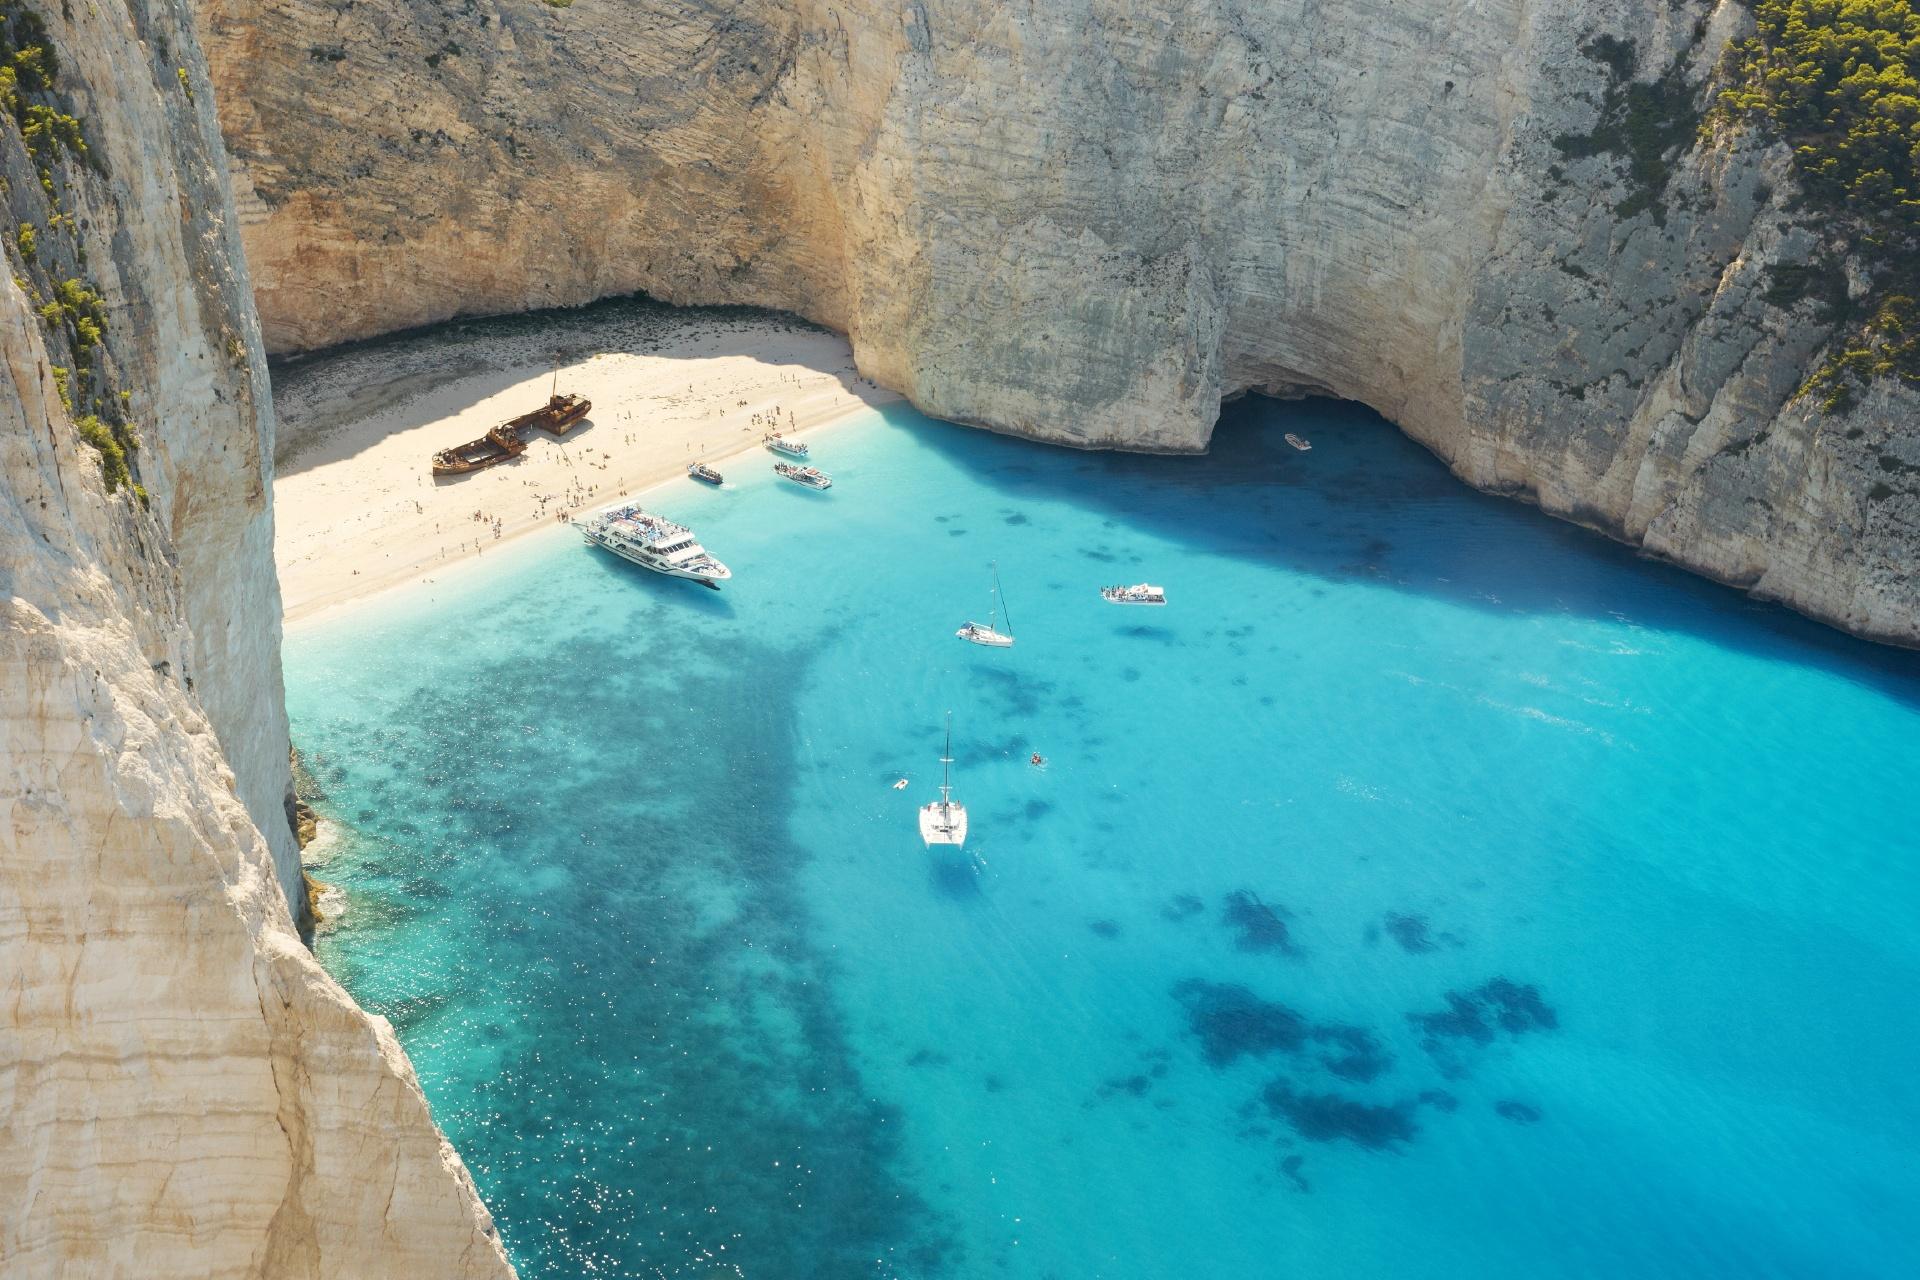 ポルコの隠れ家 絶景の島 ザキントス島 ナヴァイオ・ビーチ ギリシャの風景